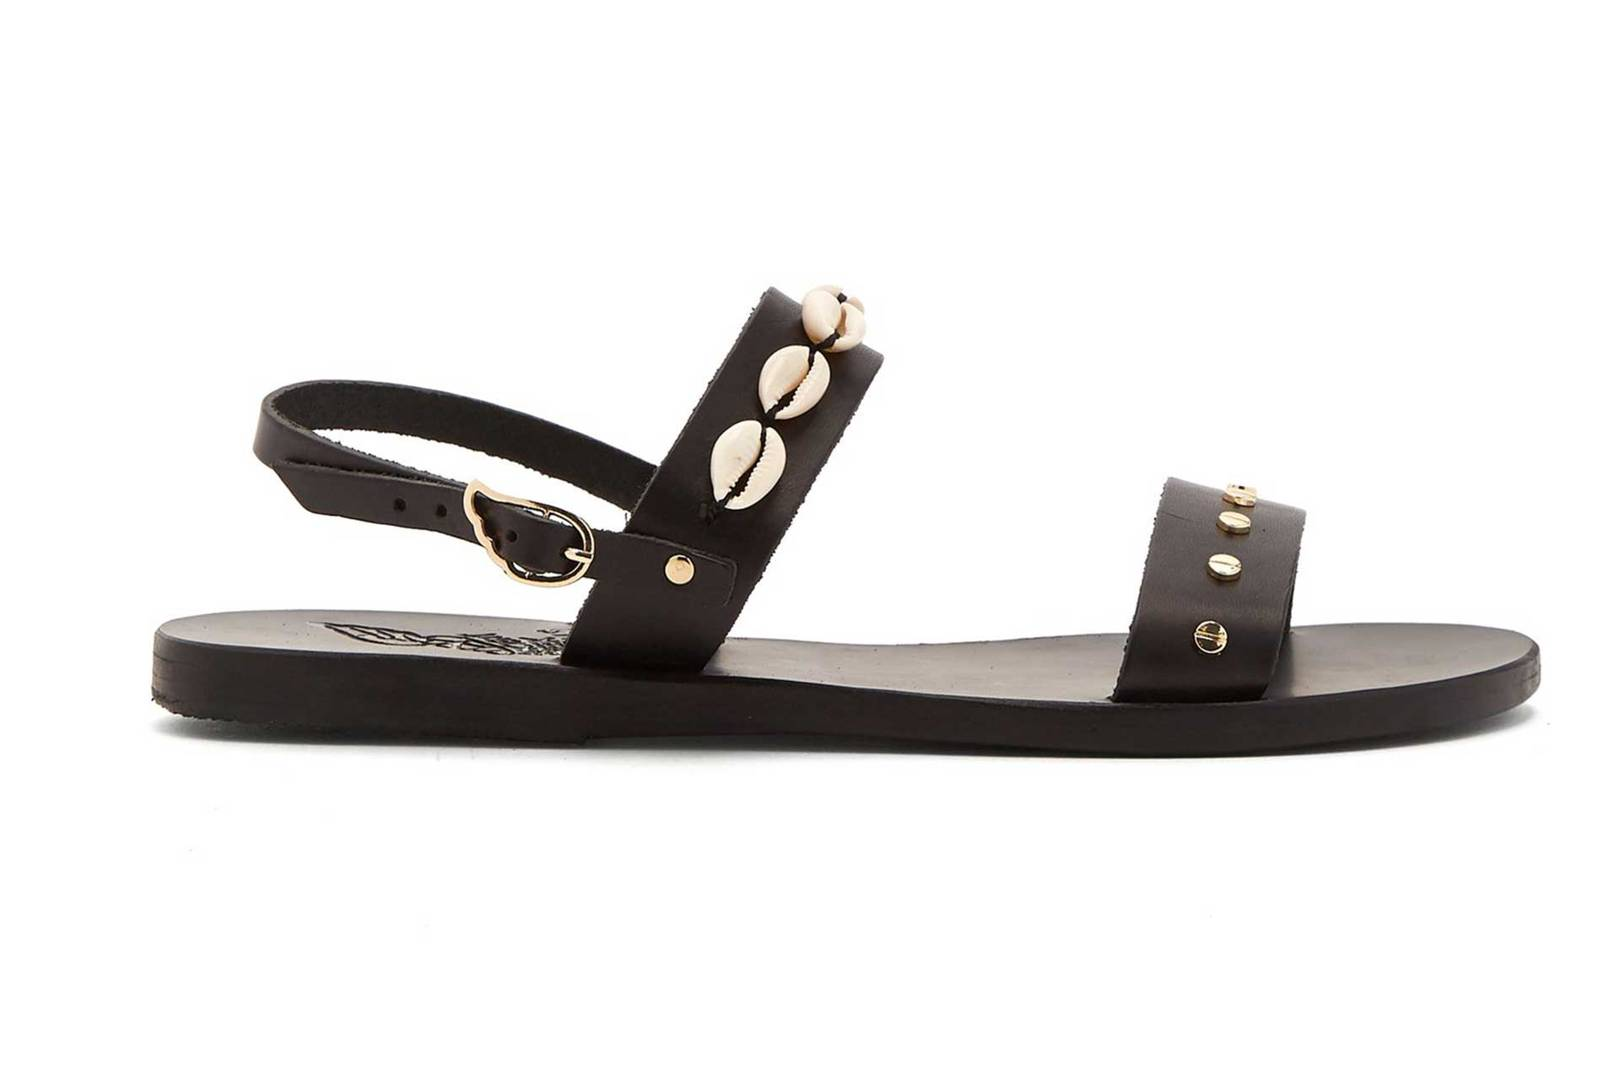 fd0c8541e92885 Best Summer Sandals 2018  The Vogue Edit